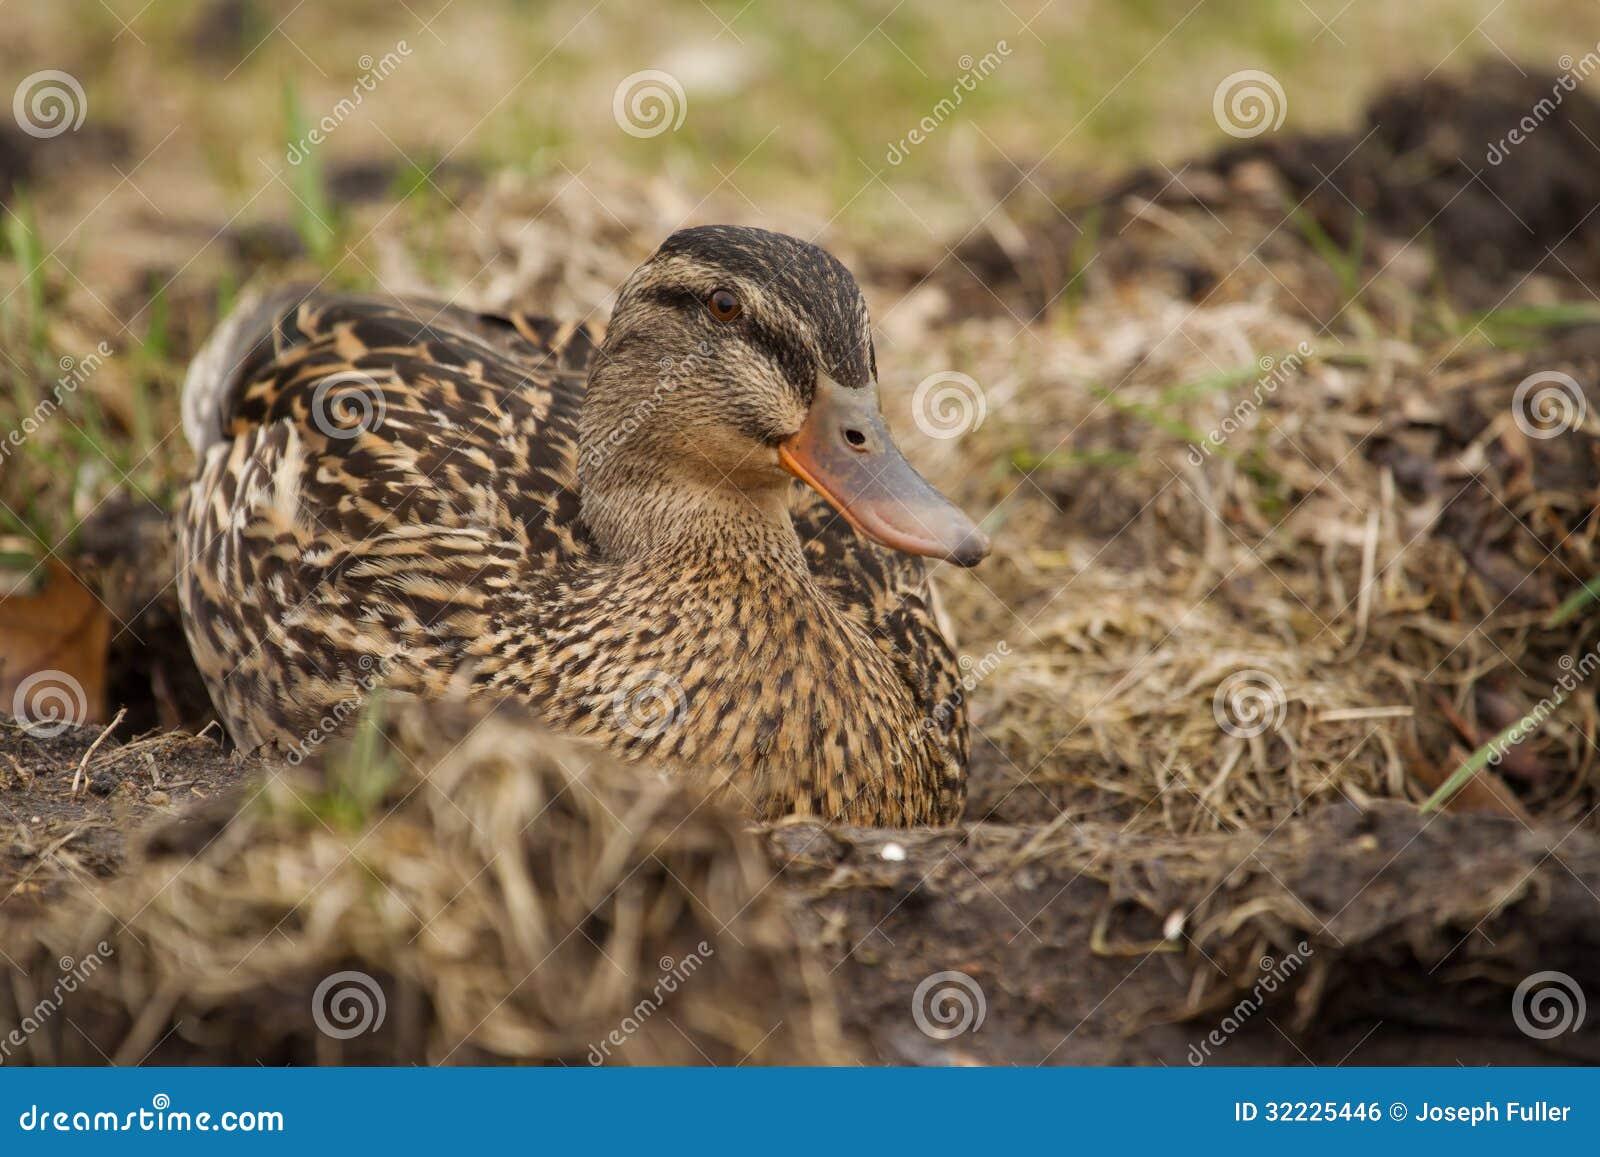 Download Pato selvagem na grama foto de stock. Imagem de marrom - 32225446